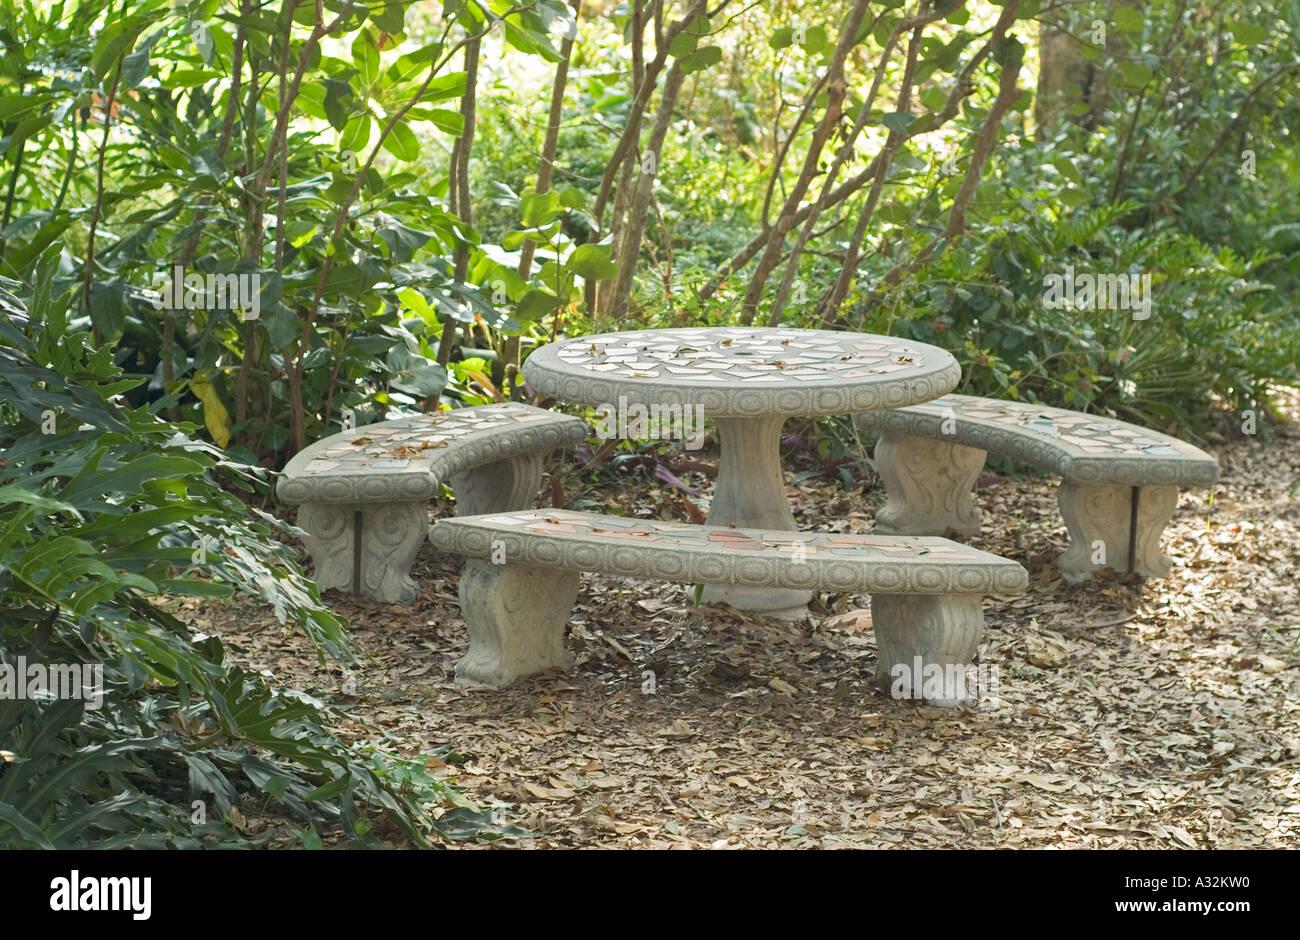 Legen Sie Konkrete Picknick Tisch Gartentisch Sitzen Platz Tische